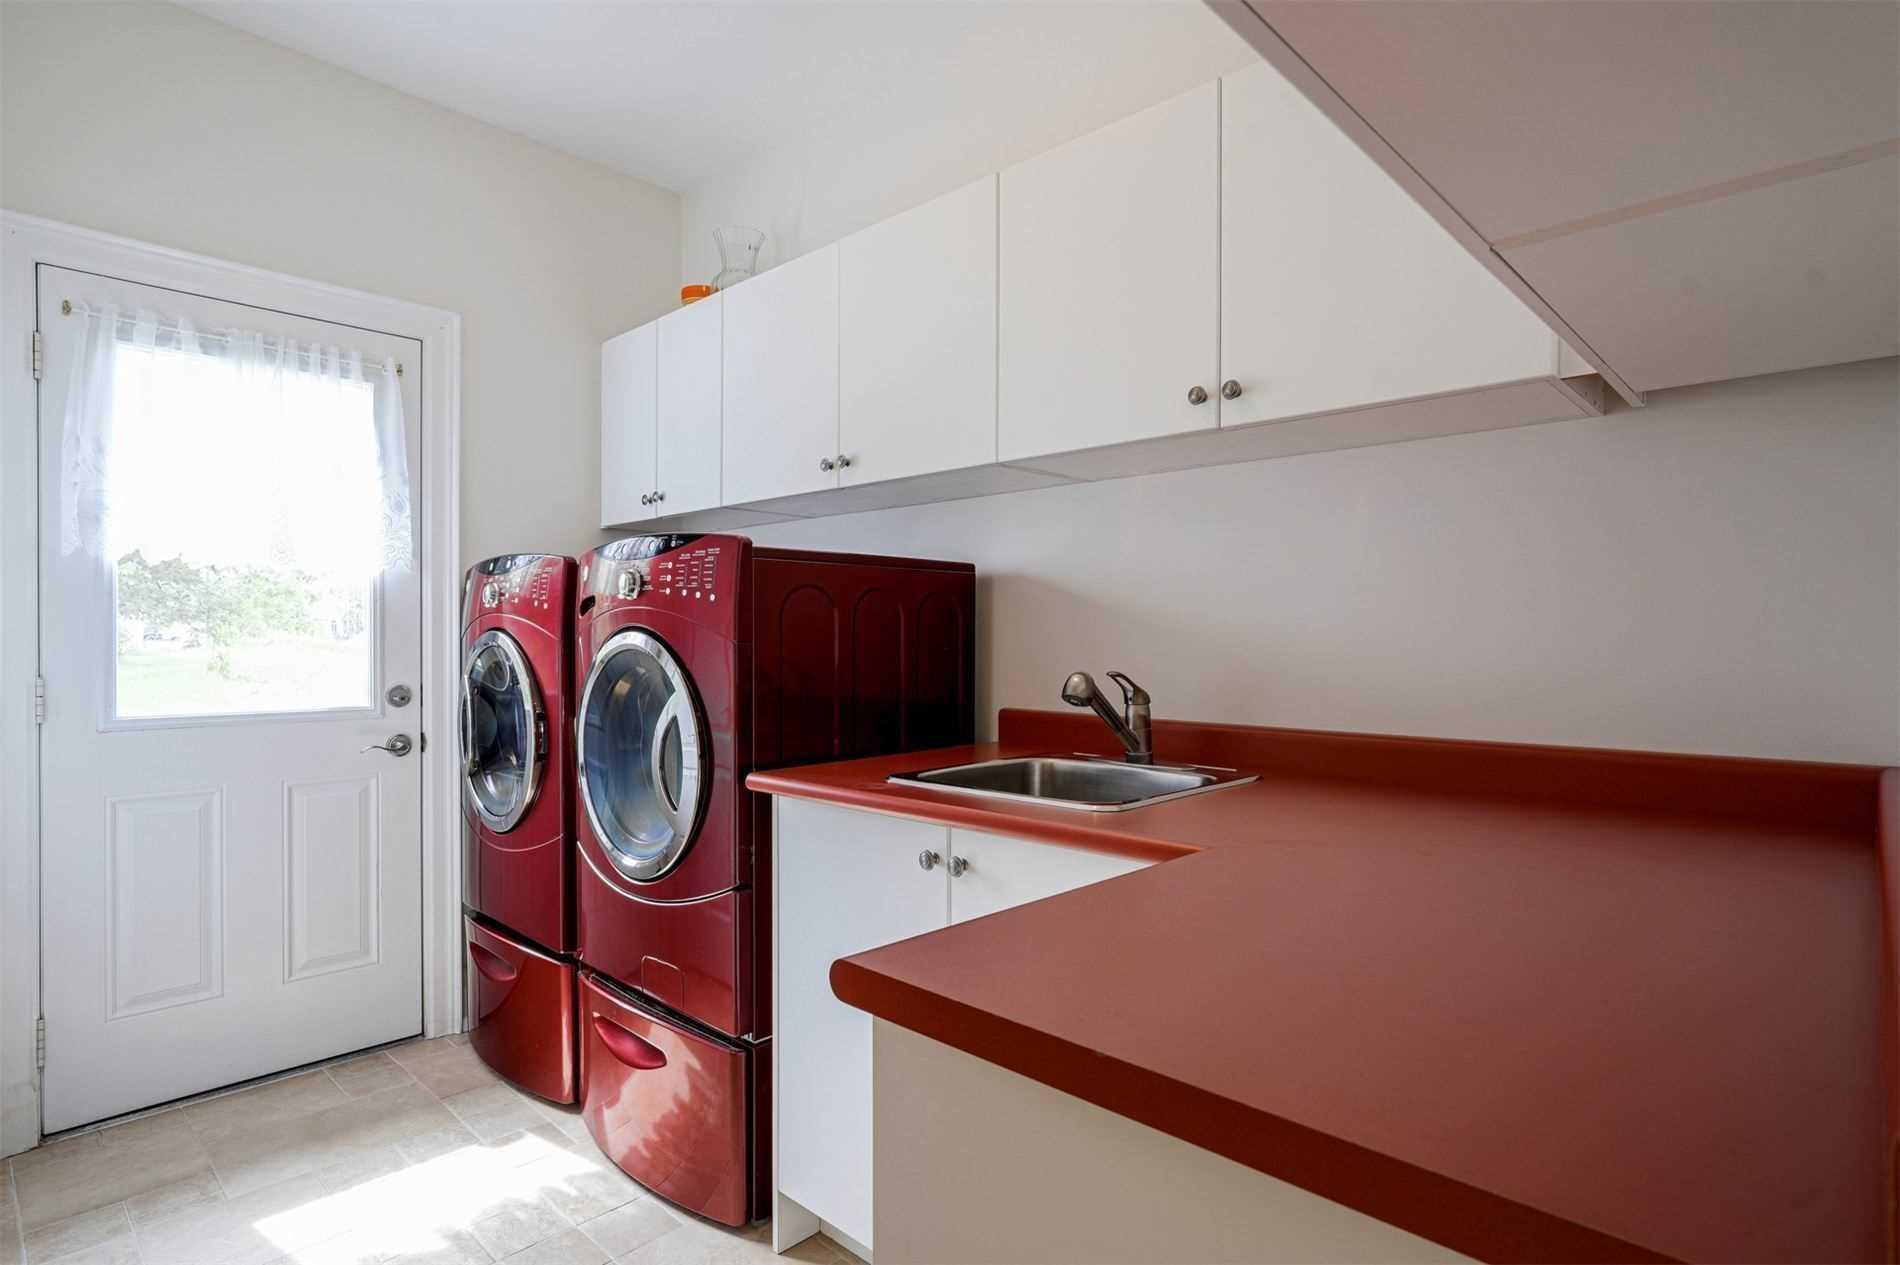 315 Highway 47 Rd - Rural Uxbridge Detached for sale, 3 Bedrooms (N5306115) - #25